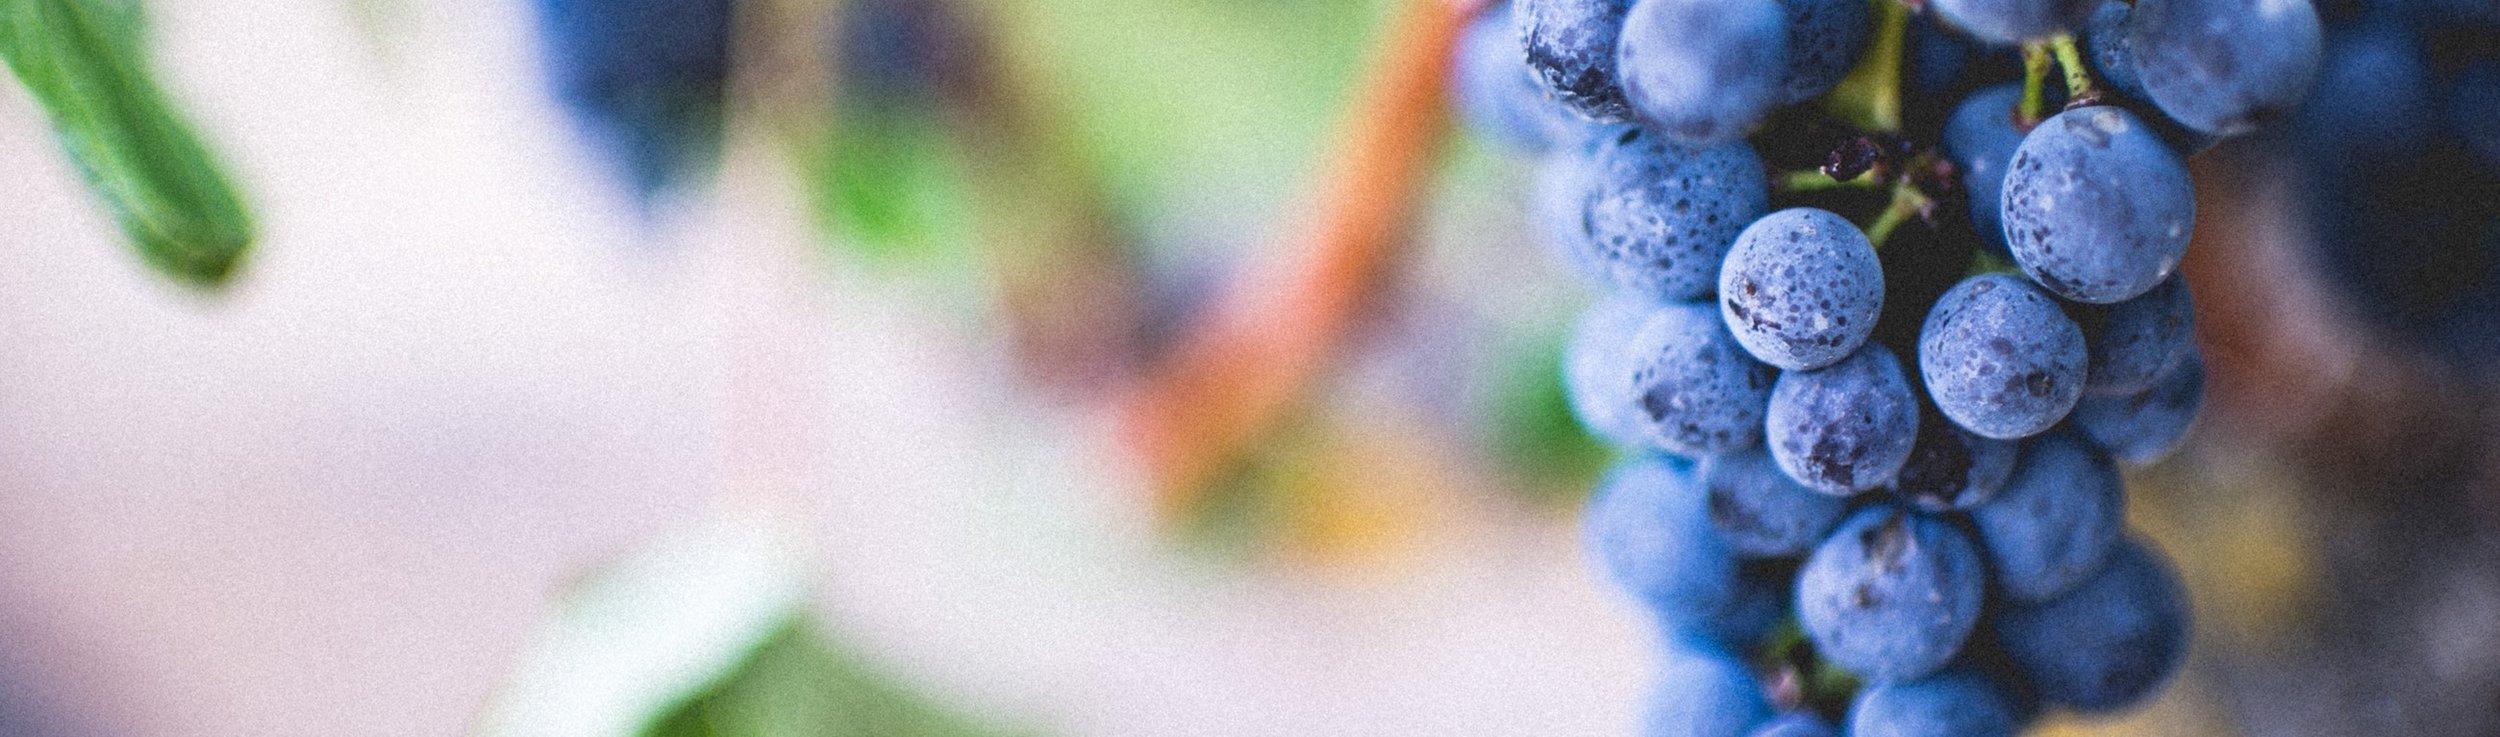 AMSAT Grapes.jpg